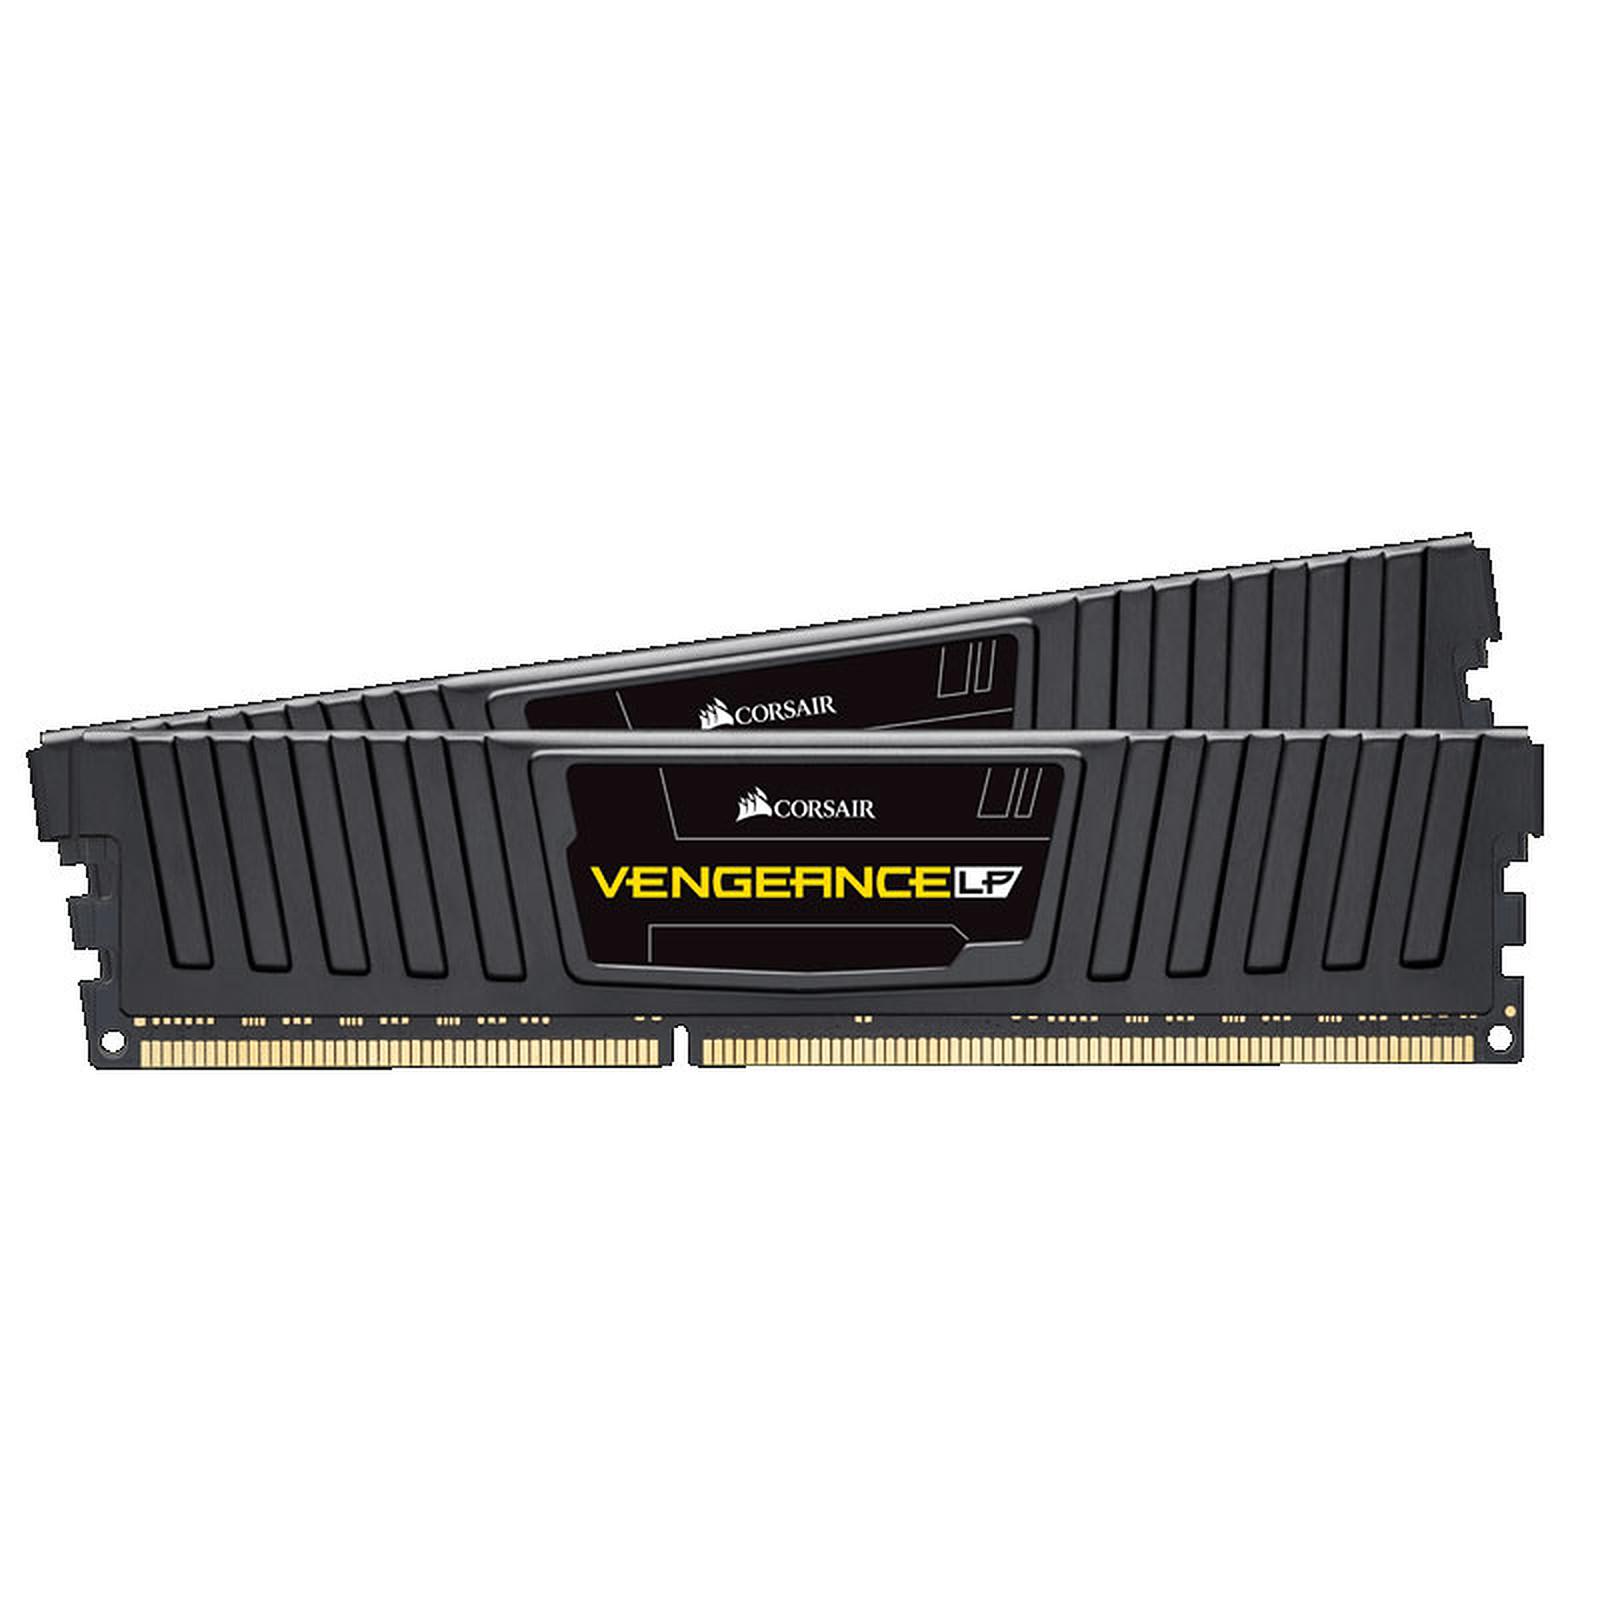 Corsair Vengeance Low Profile 16 Go (2 x 8 Go) DDR3L 1600 MHz CL9